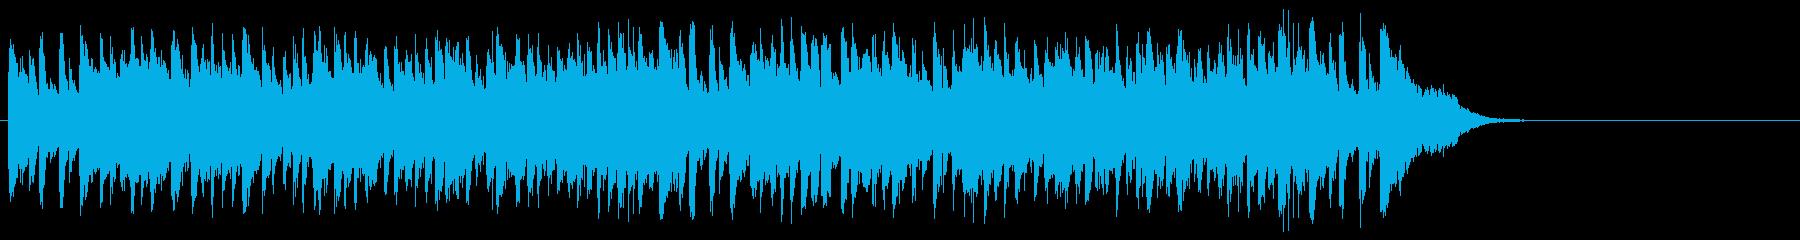 春の陽射しのフュージョン(サビ)の再生済みの波形